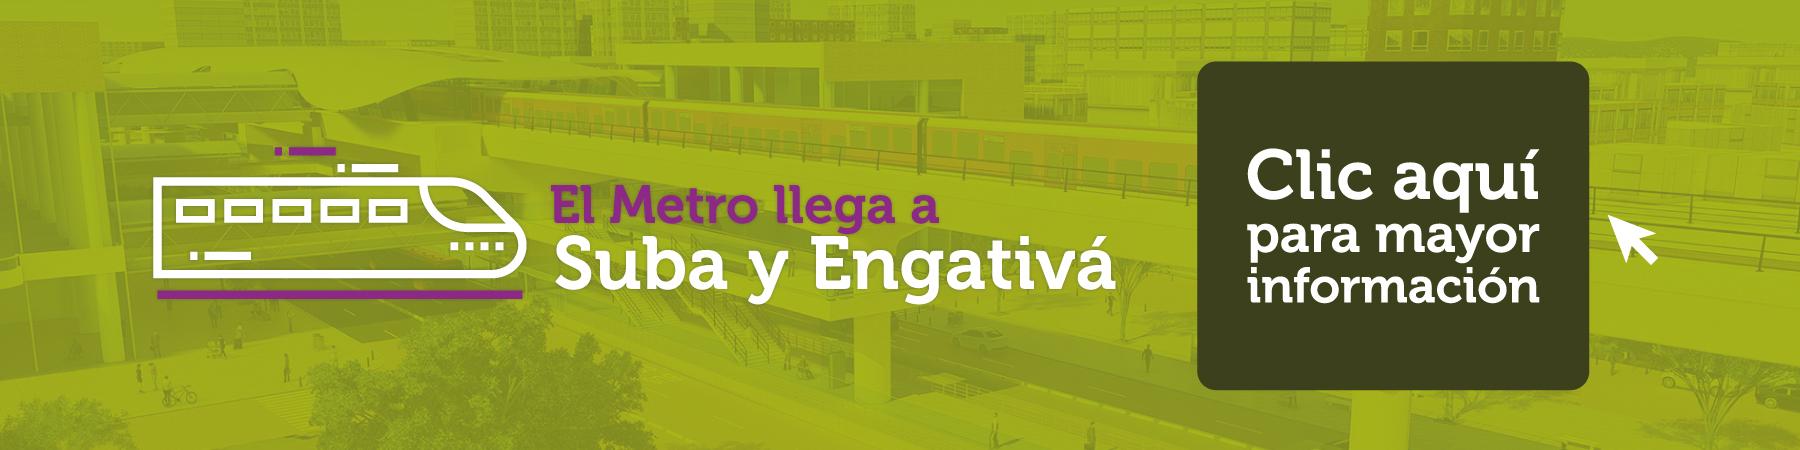 El metro llega a Suba y Engativá